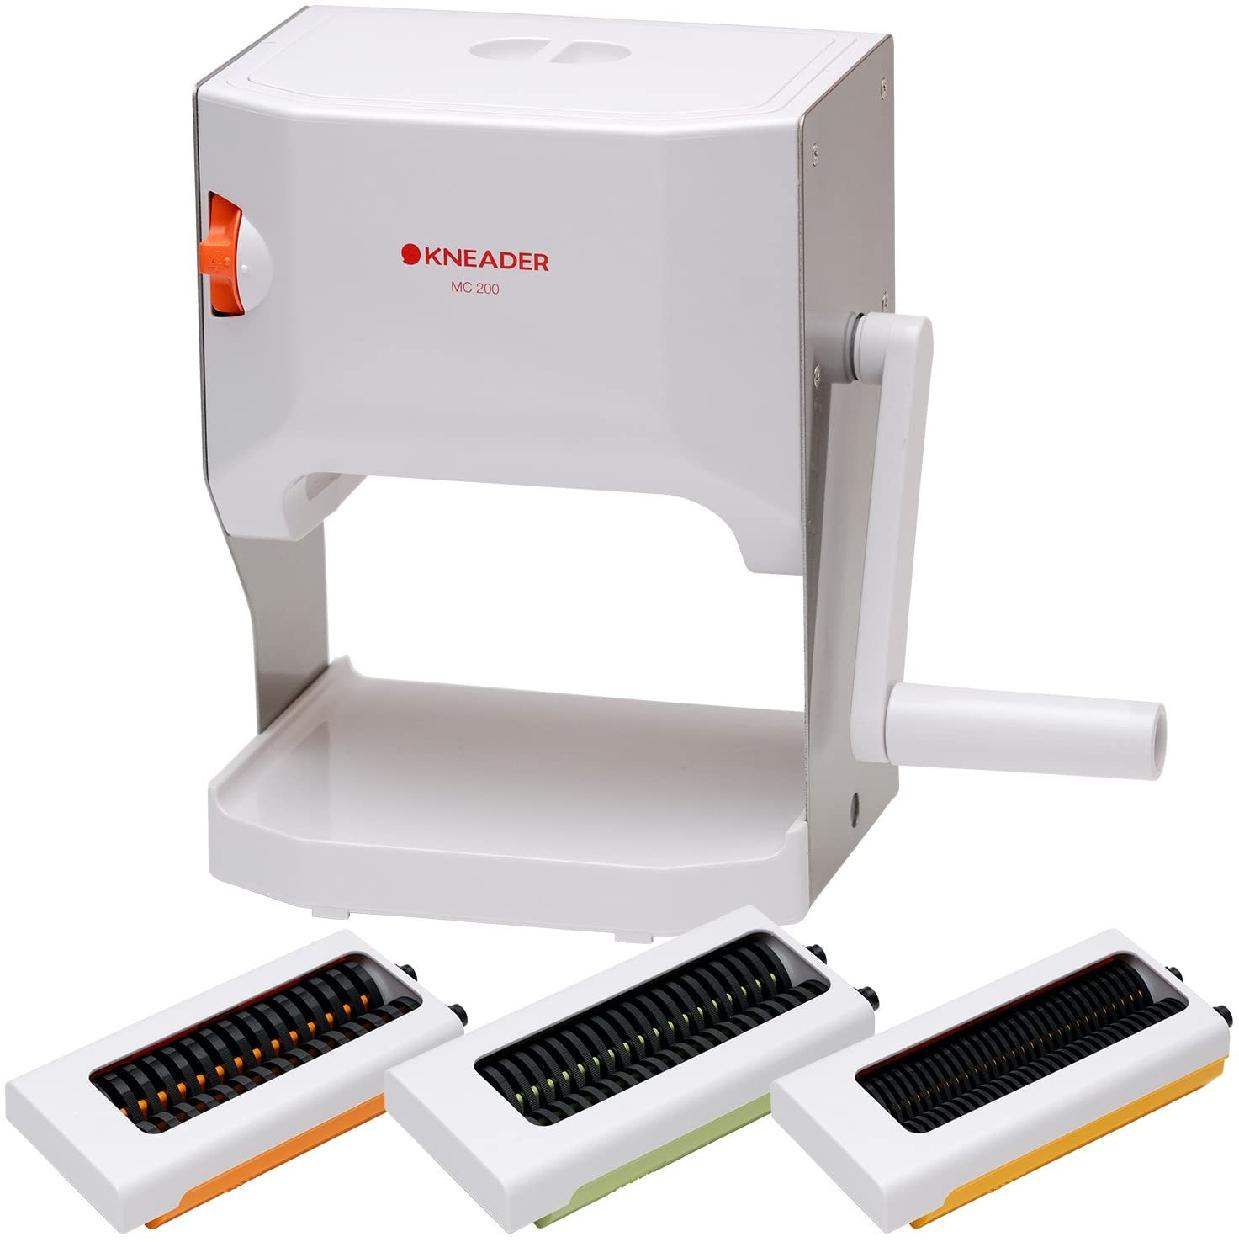 日本ニーダー(KNEADER) 洗える製麺機 麺や MCS203の商品画像